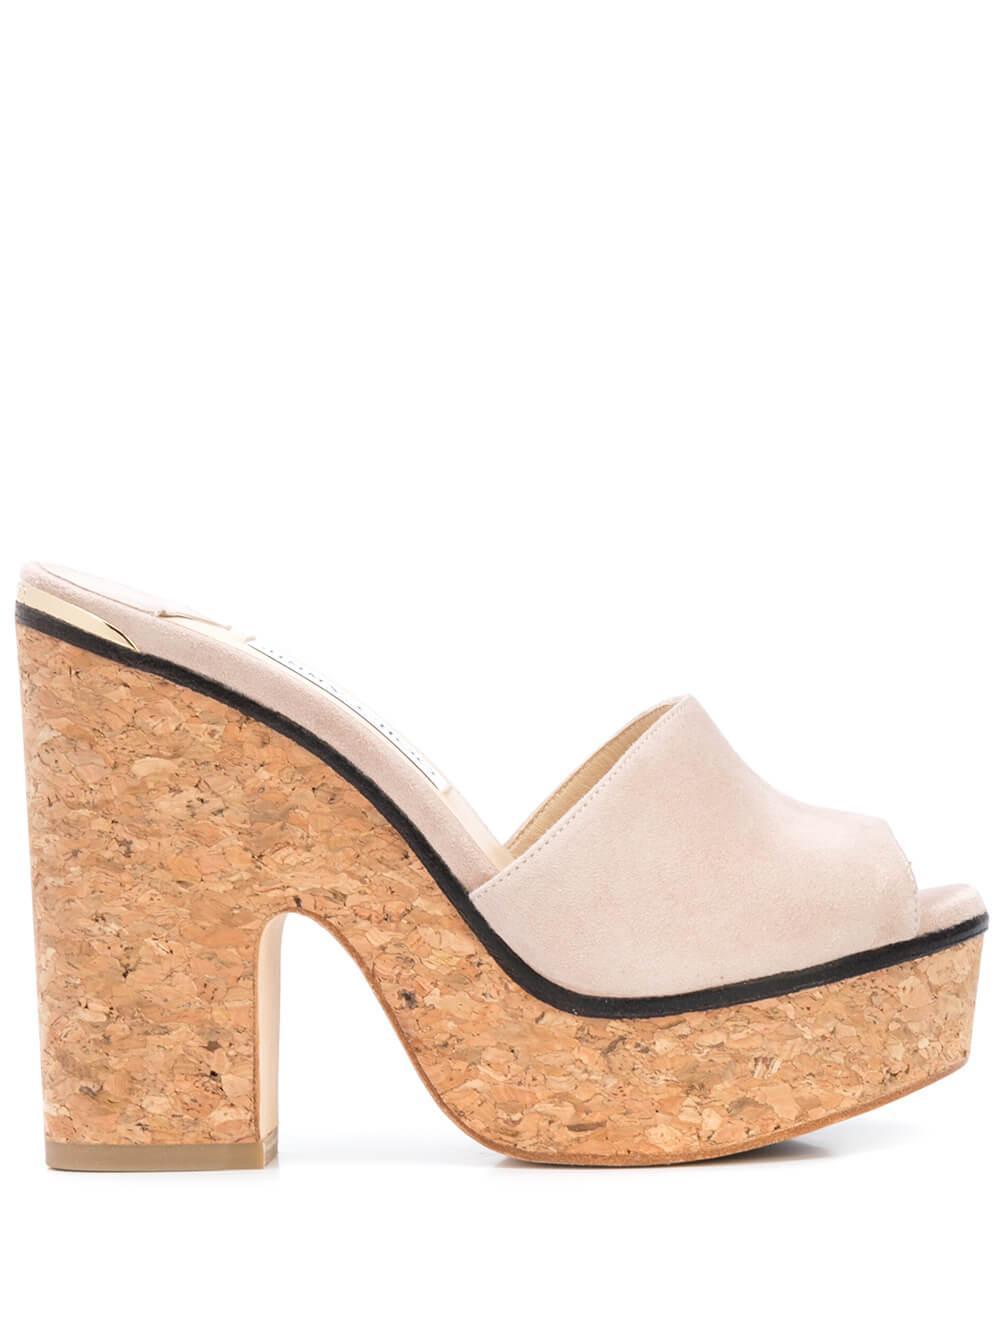 Suede 125mm Platform Sandal Item # DEEDEE125-SUE